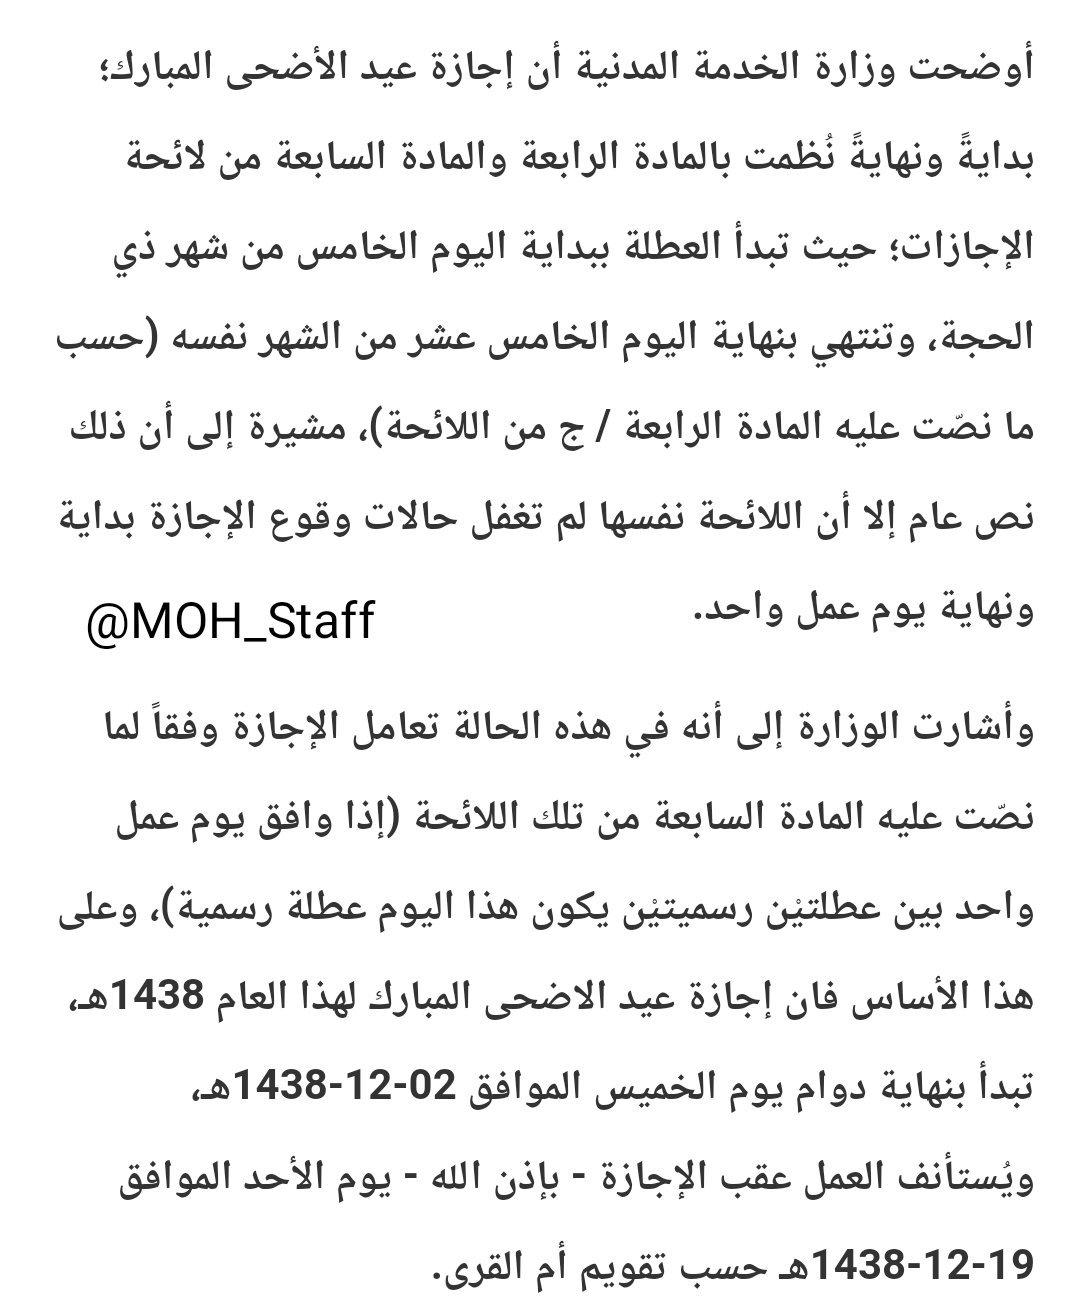 ملتقى منسوبي وزارة الصحة Na Twitteru الخدمة المدنية إجازة عيد الأضحى المبارك لهذا العام 16 يوما وزارة الصحة منسوبي الصحة